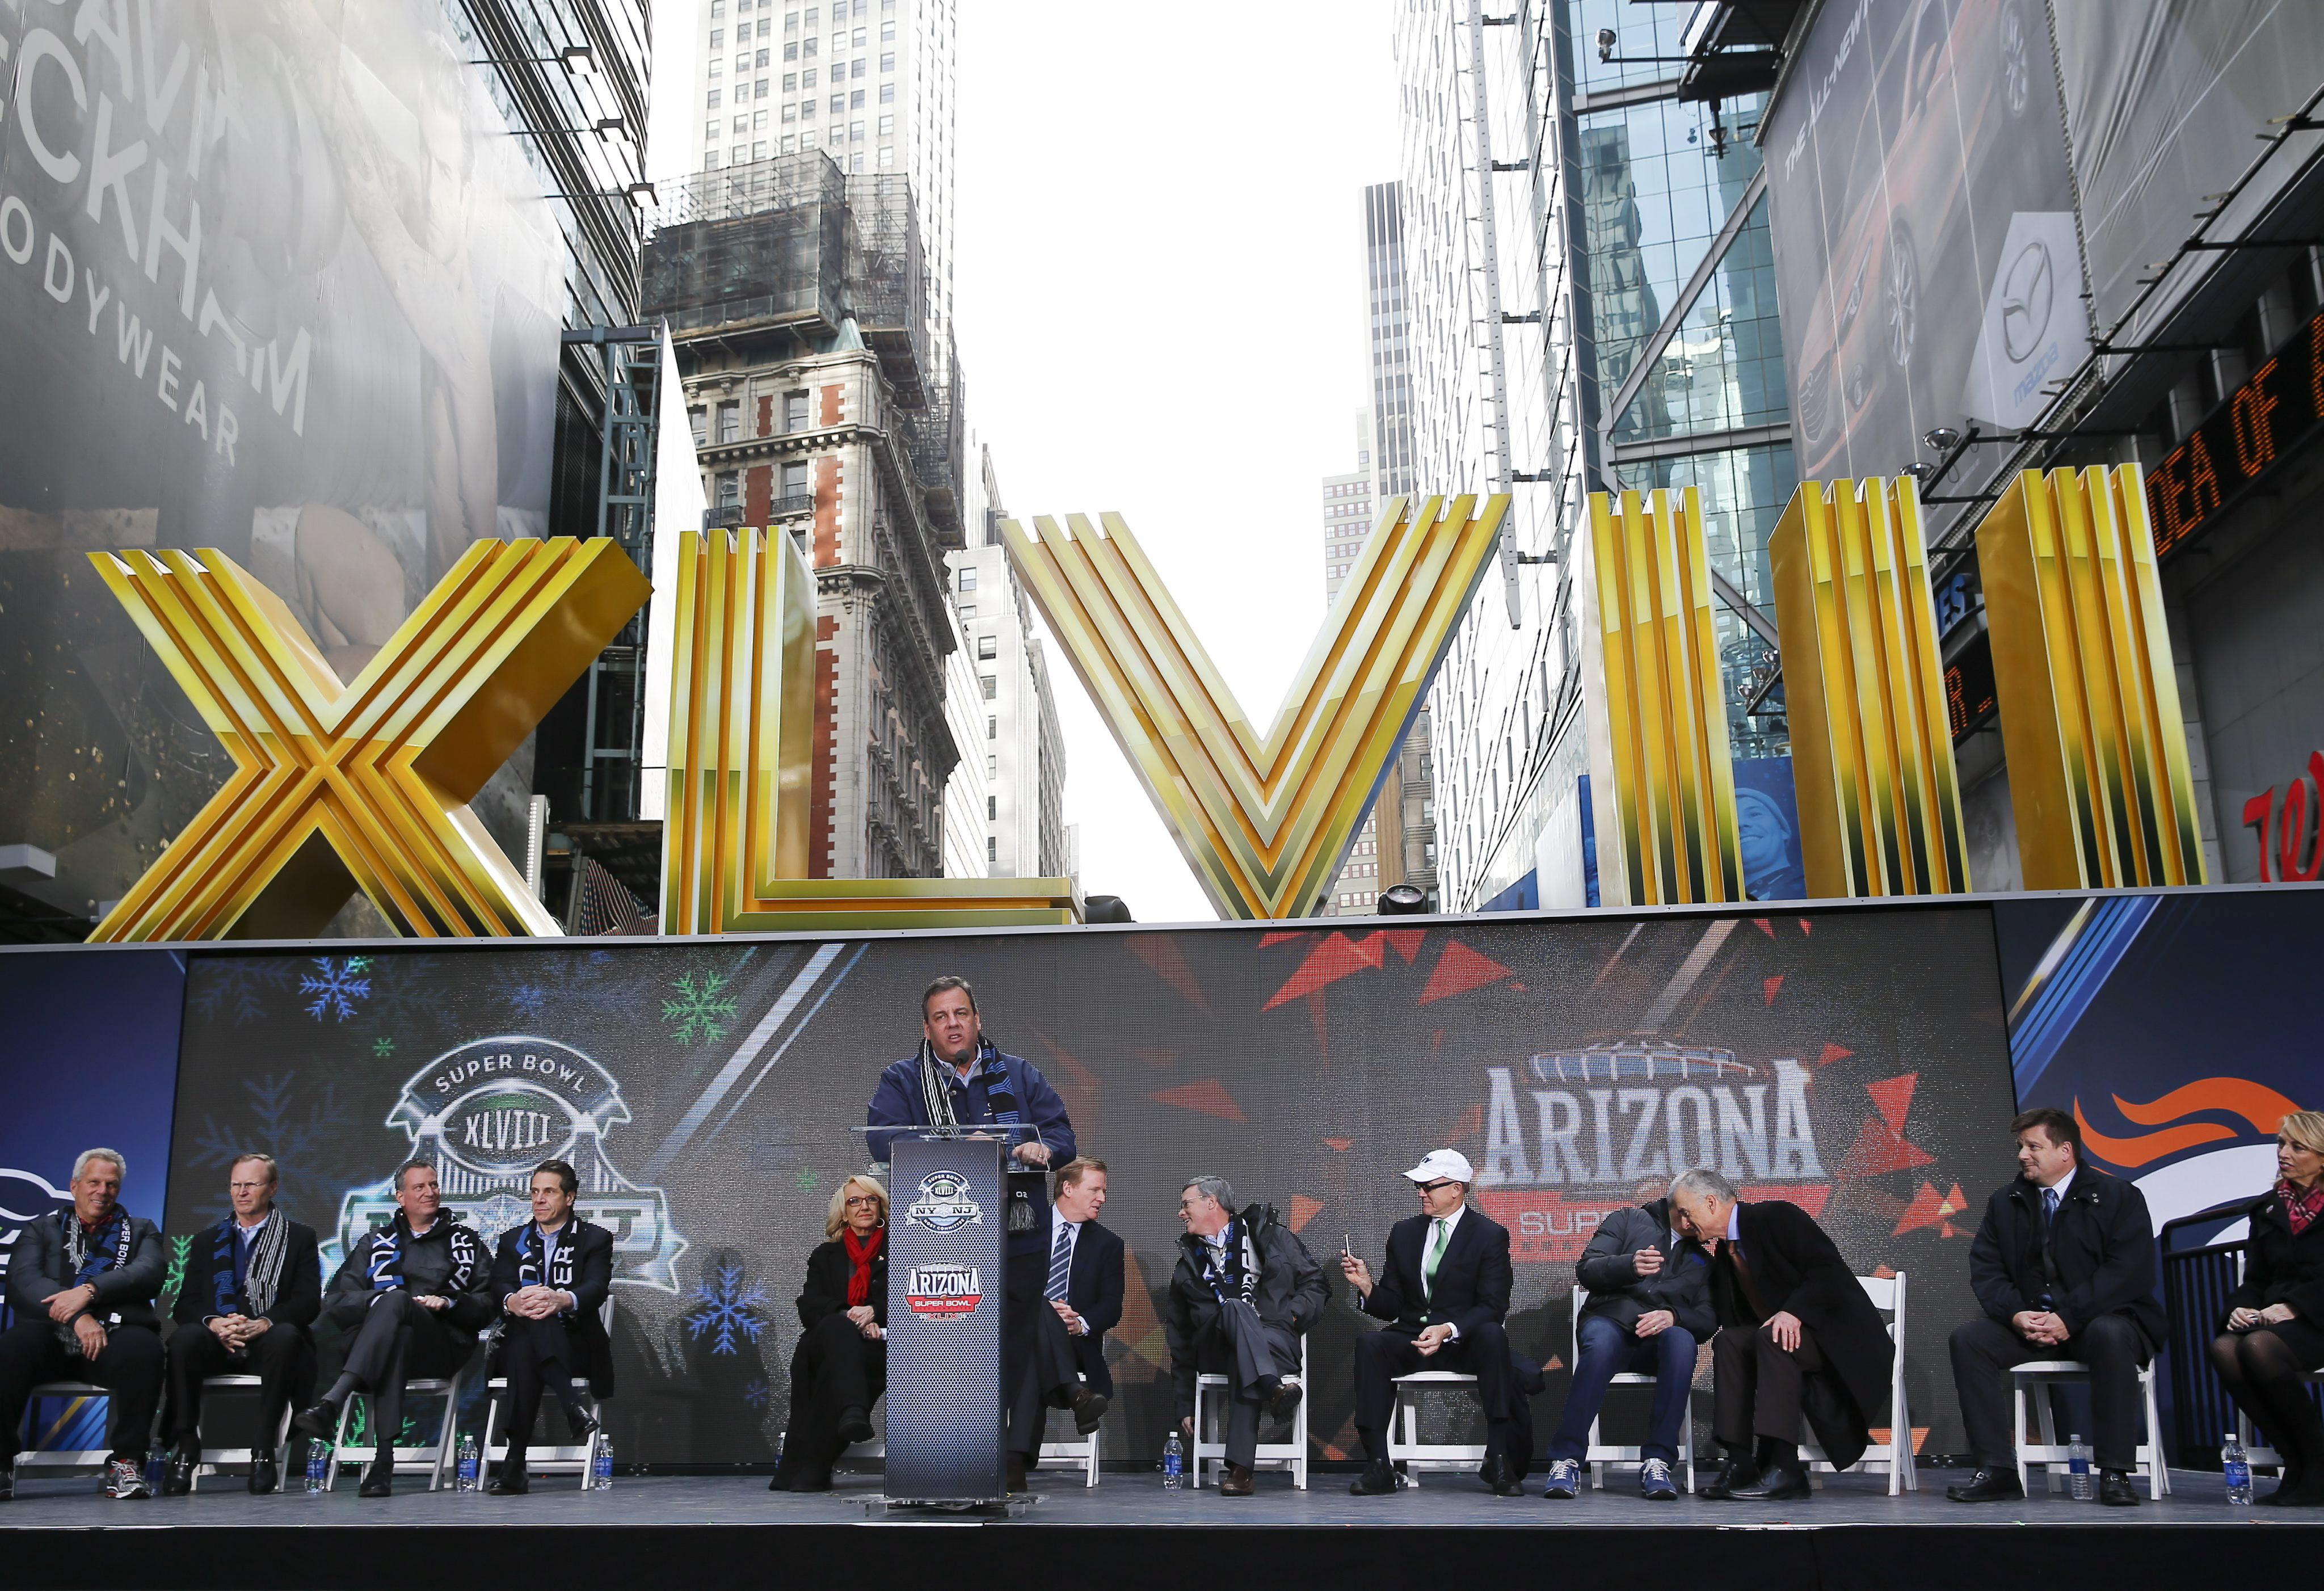 Estados Unidos cuenta las horas para el gran circo del Super Bowl